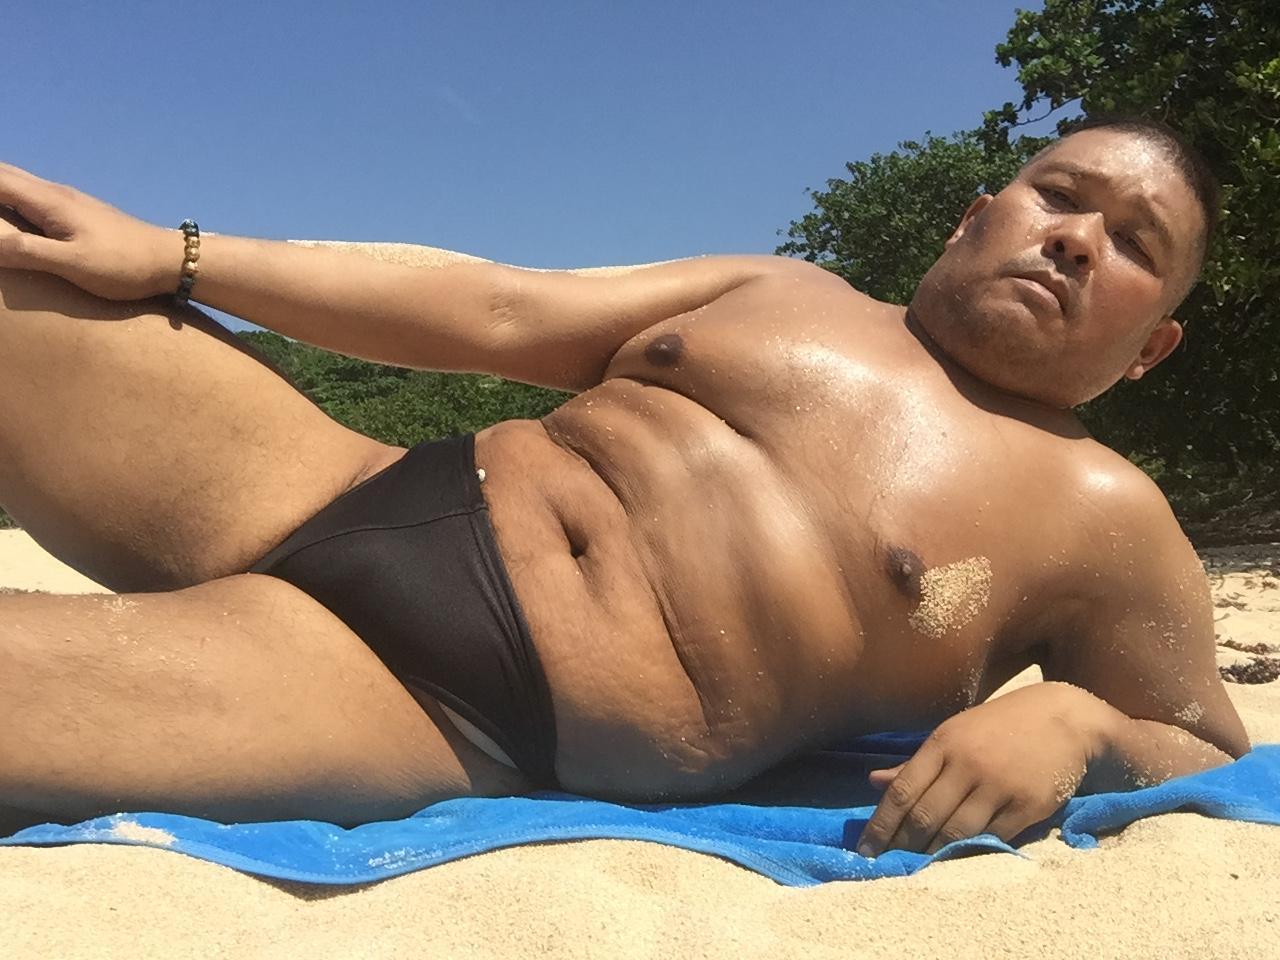 Bikini sun bather (32/218)